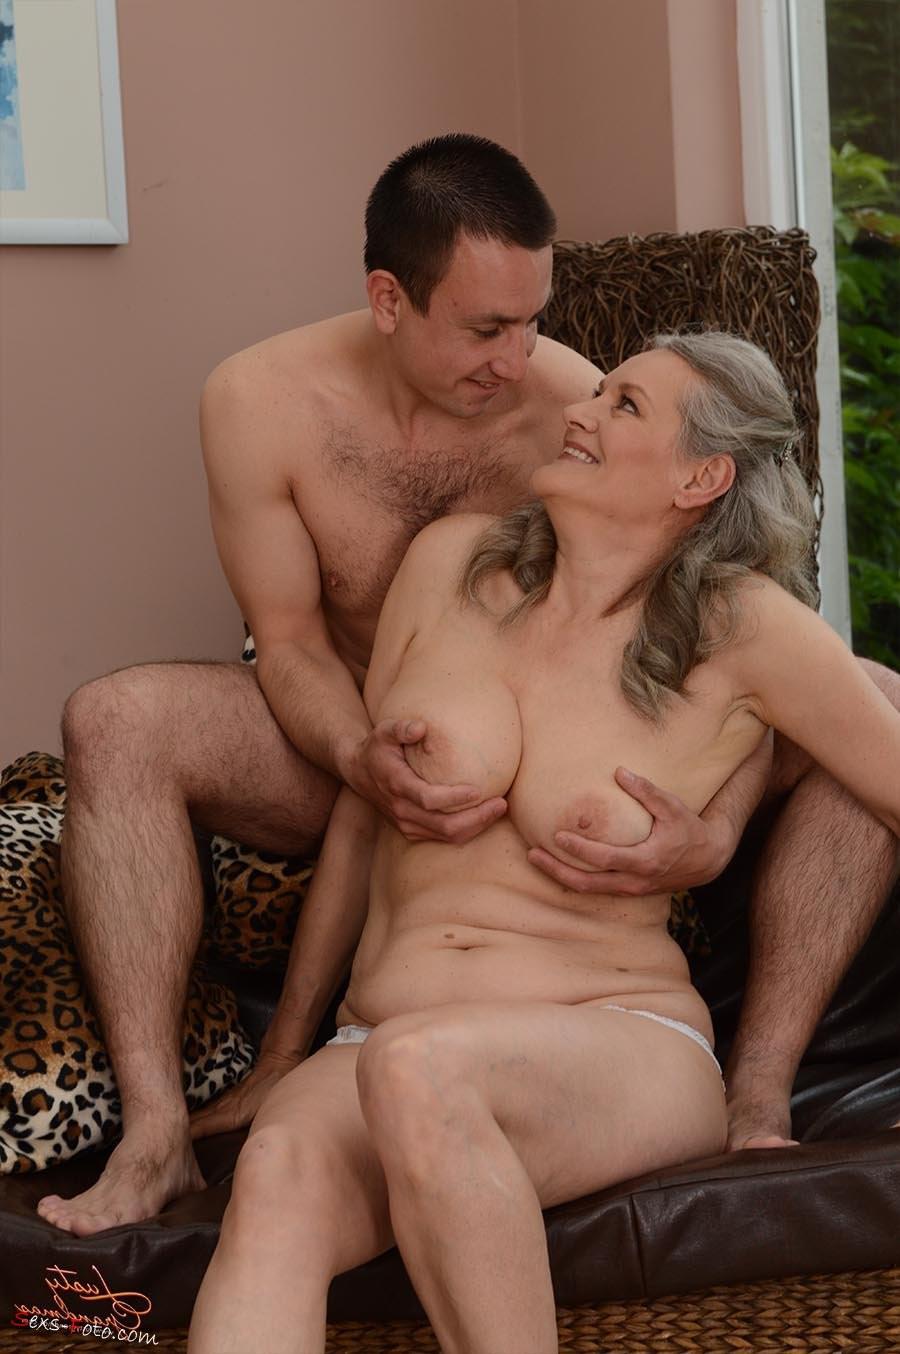 gratuit belle-mère et beau-fils porno – Porno